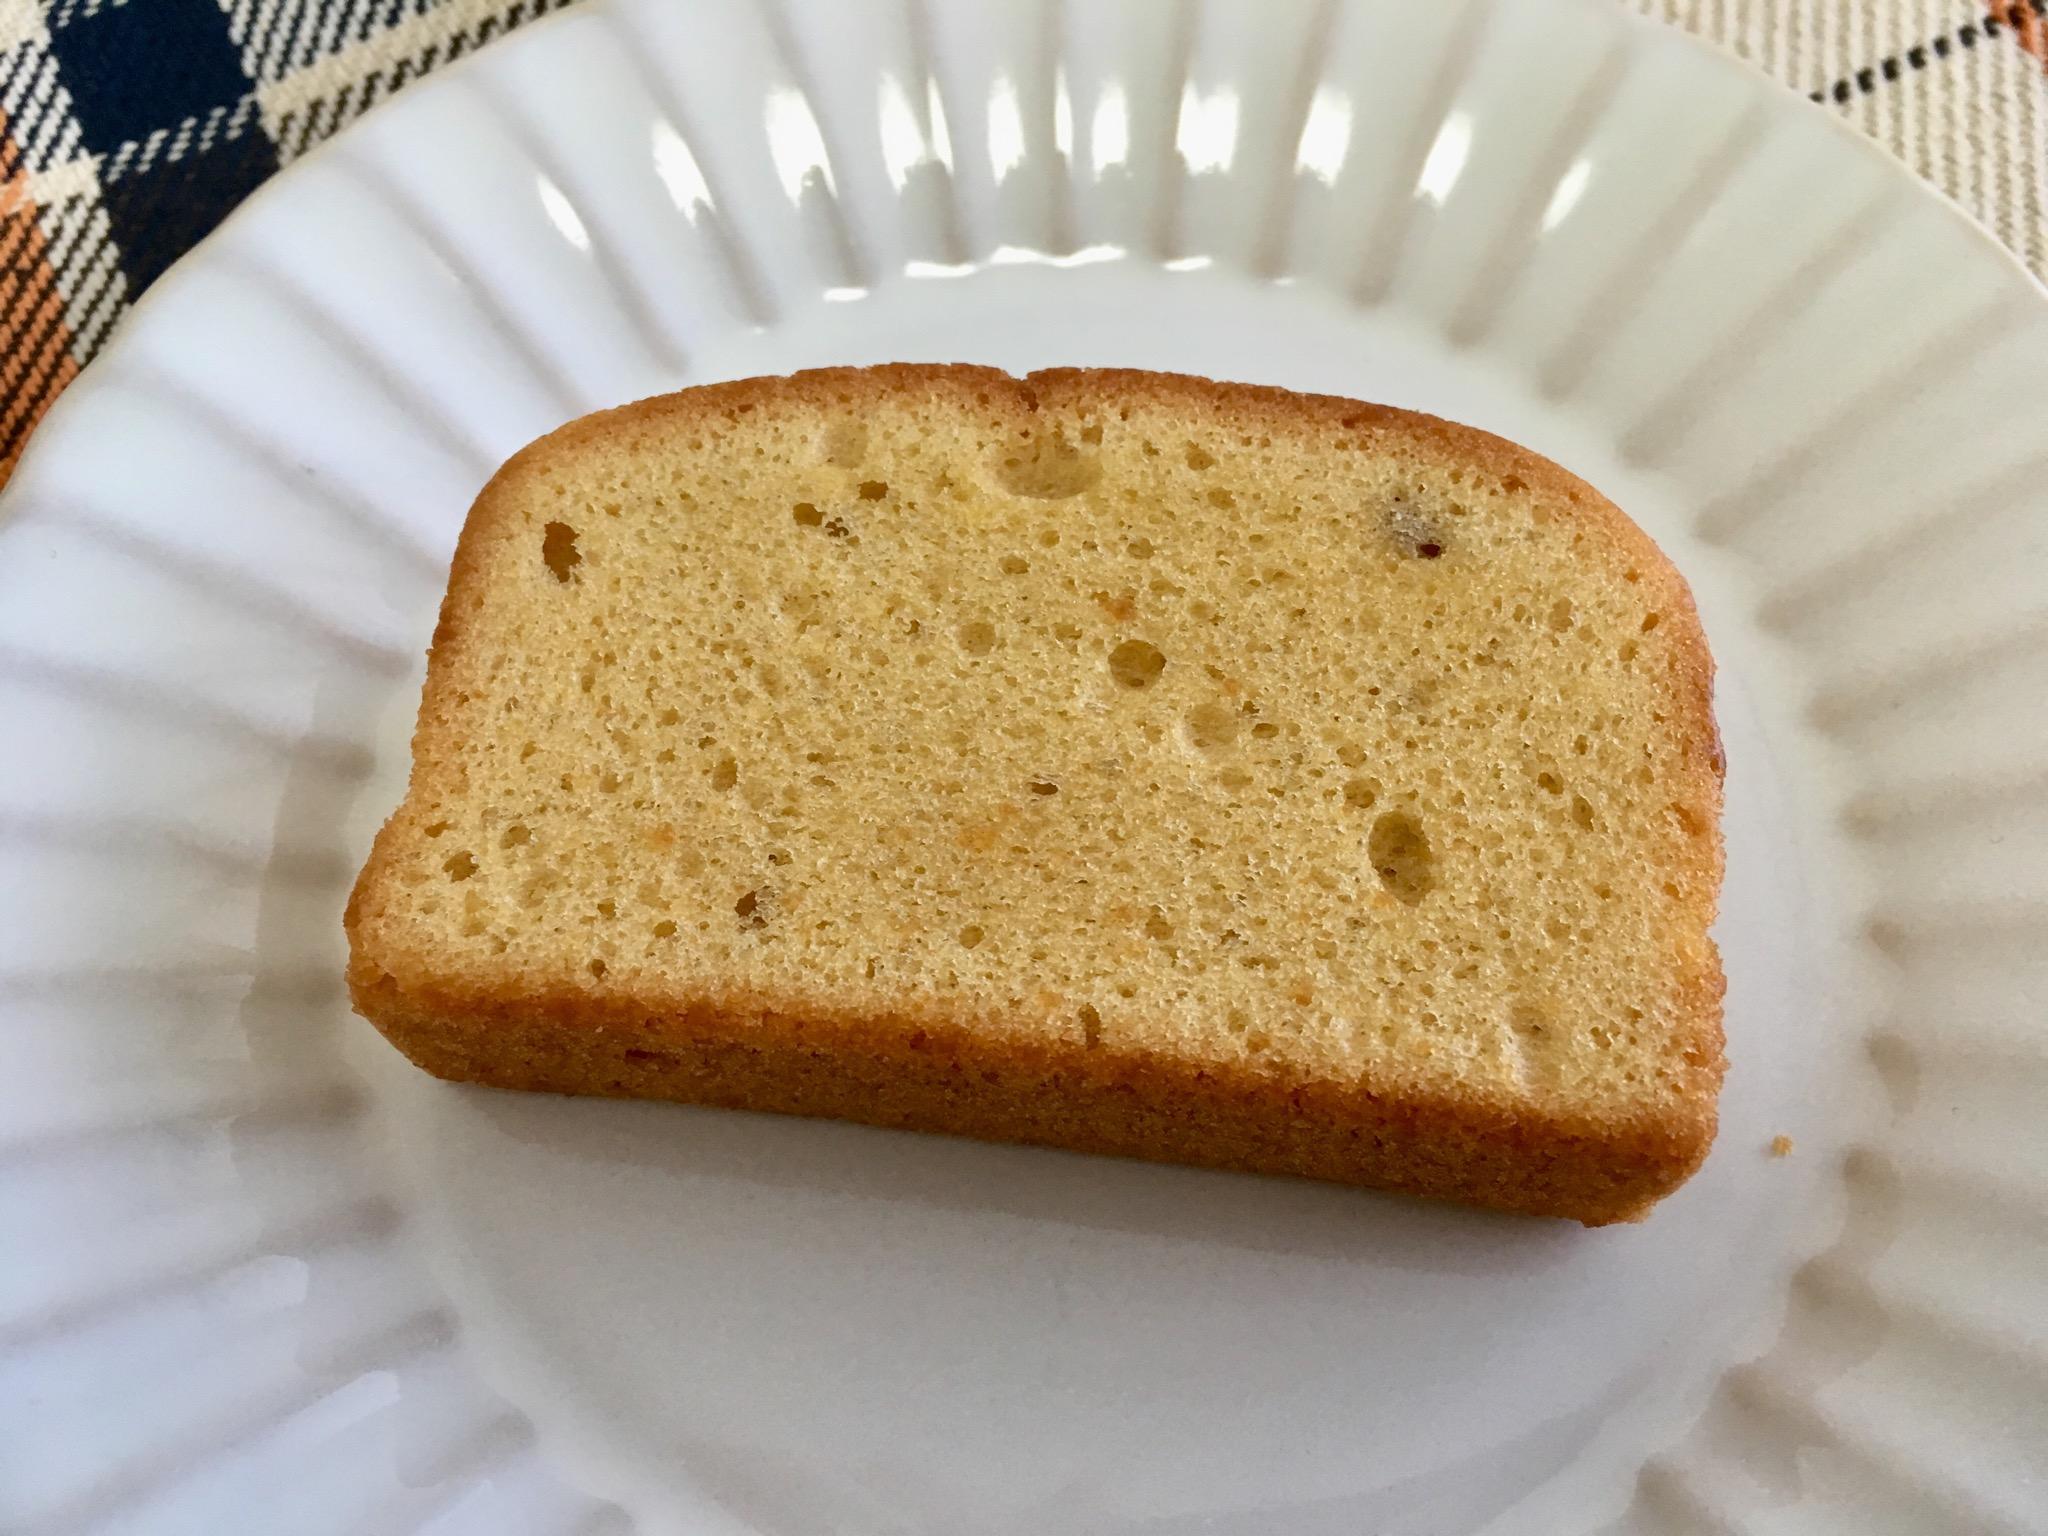 無印良品の糖質10g以下のお菓子 パウンドケーキ